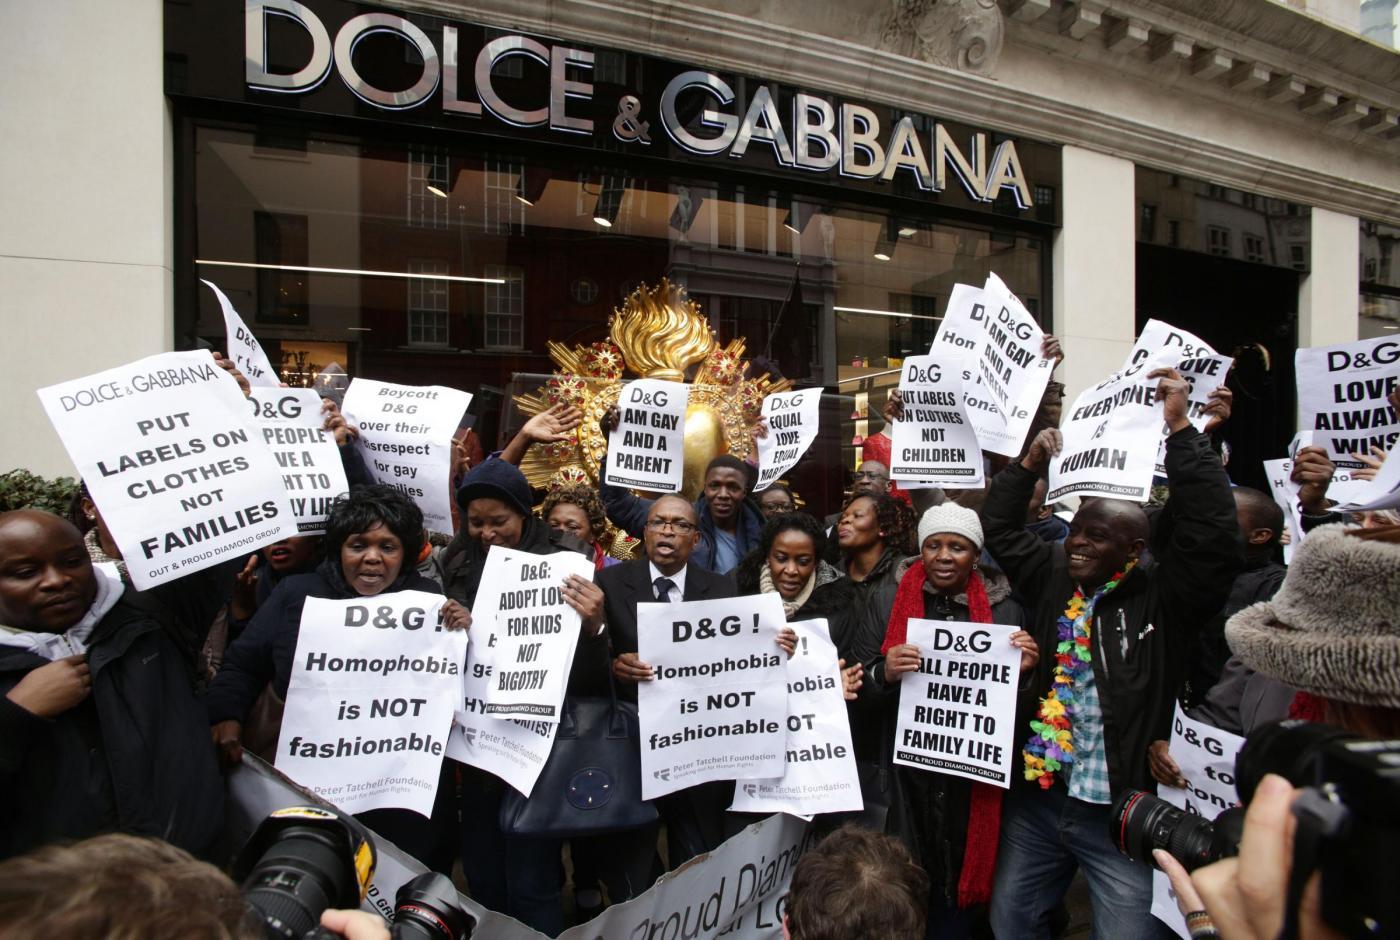 Dolce & Gabbana e l'utero in affitto: proteste davanti al negozio di Londra04